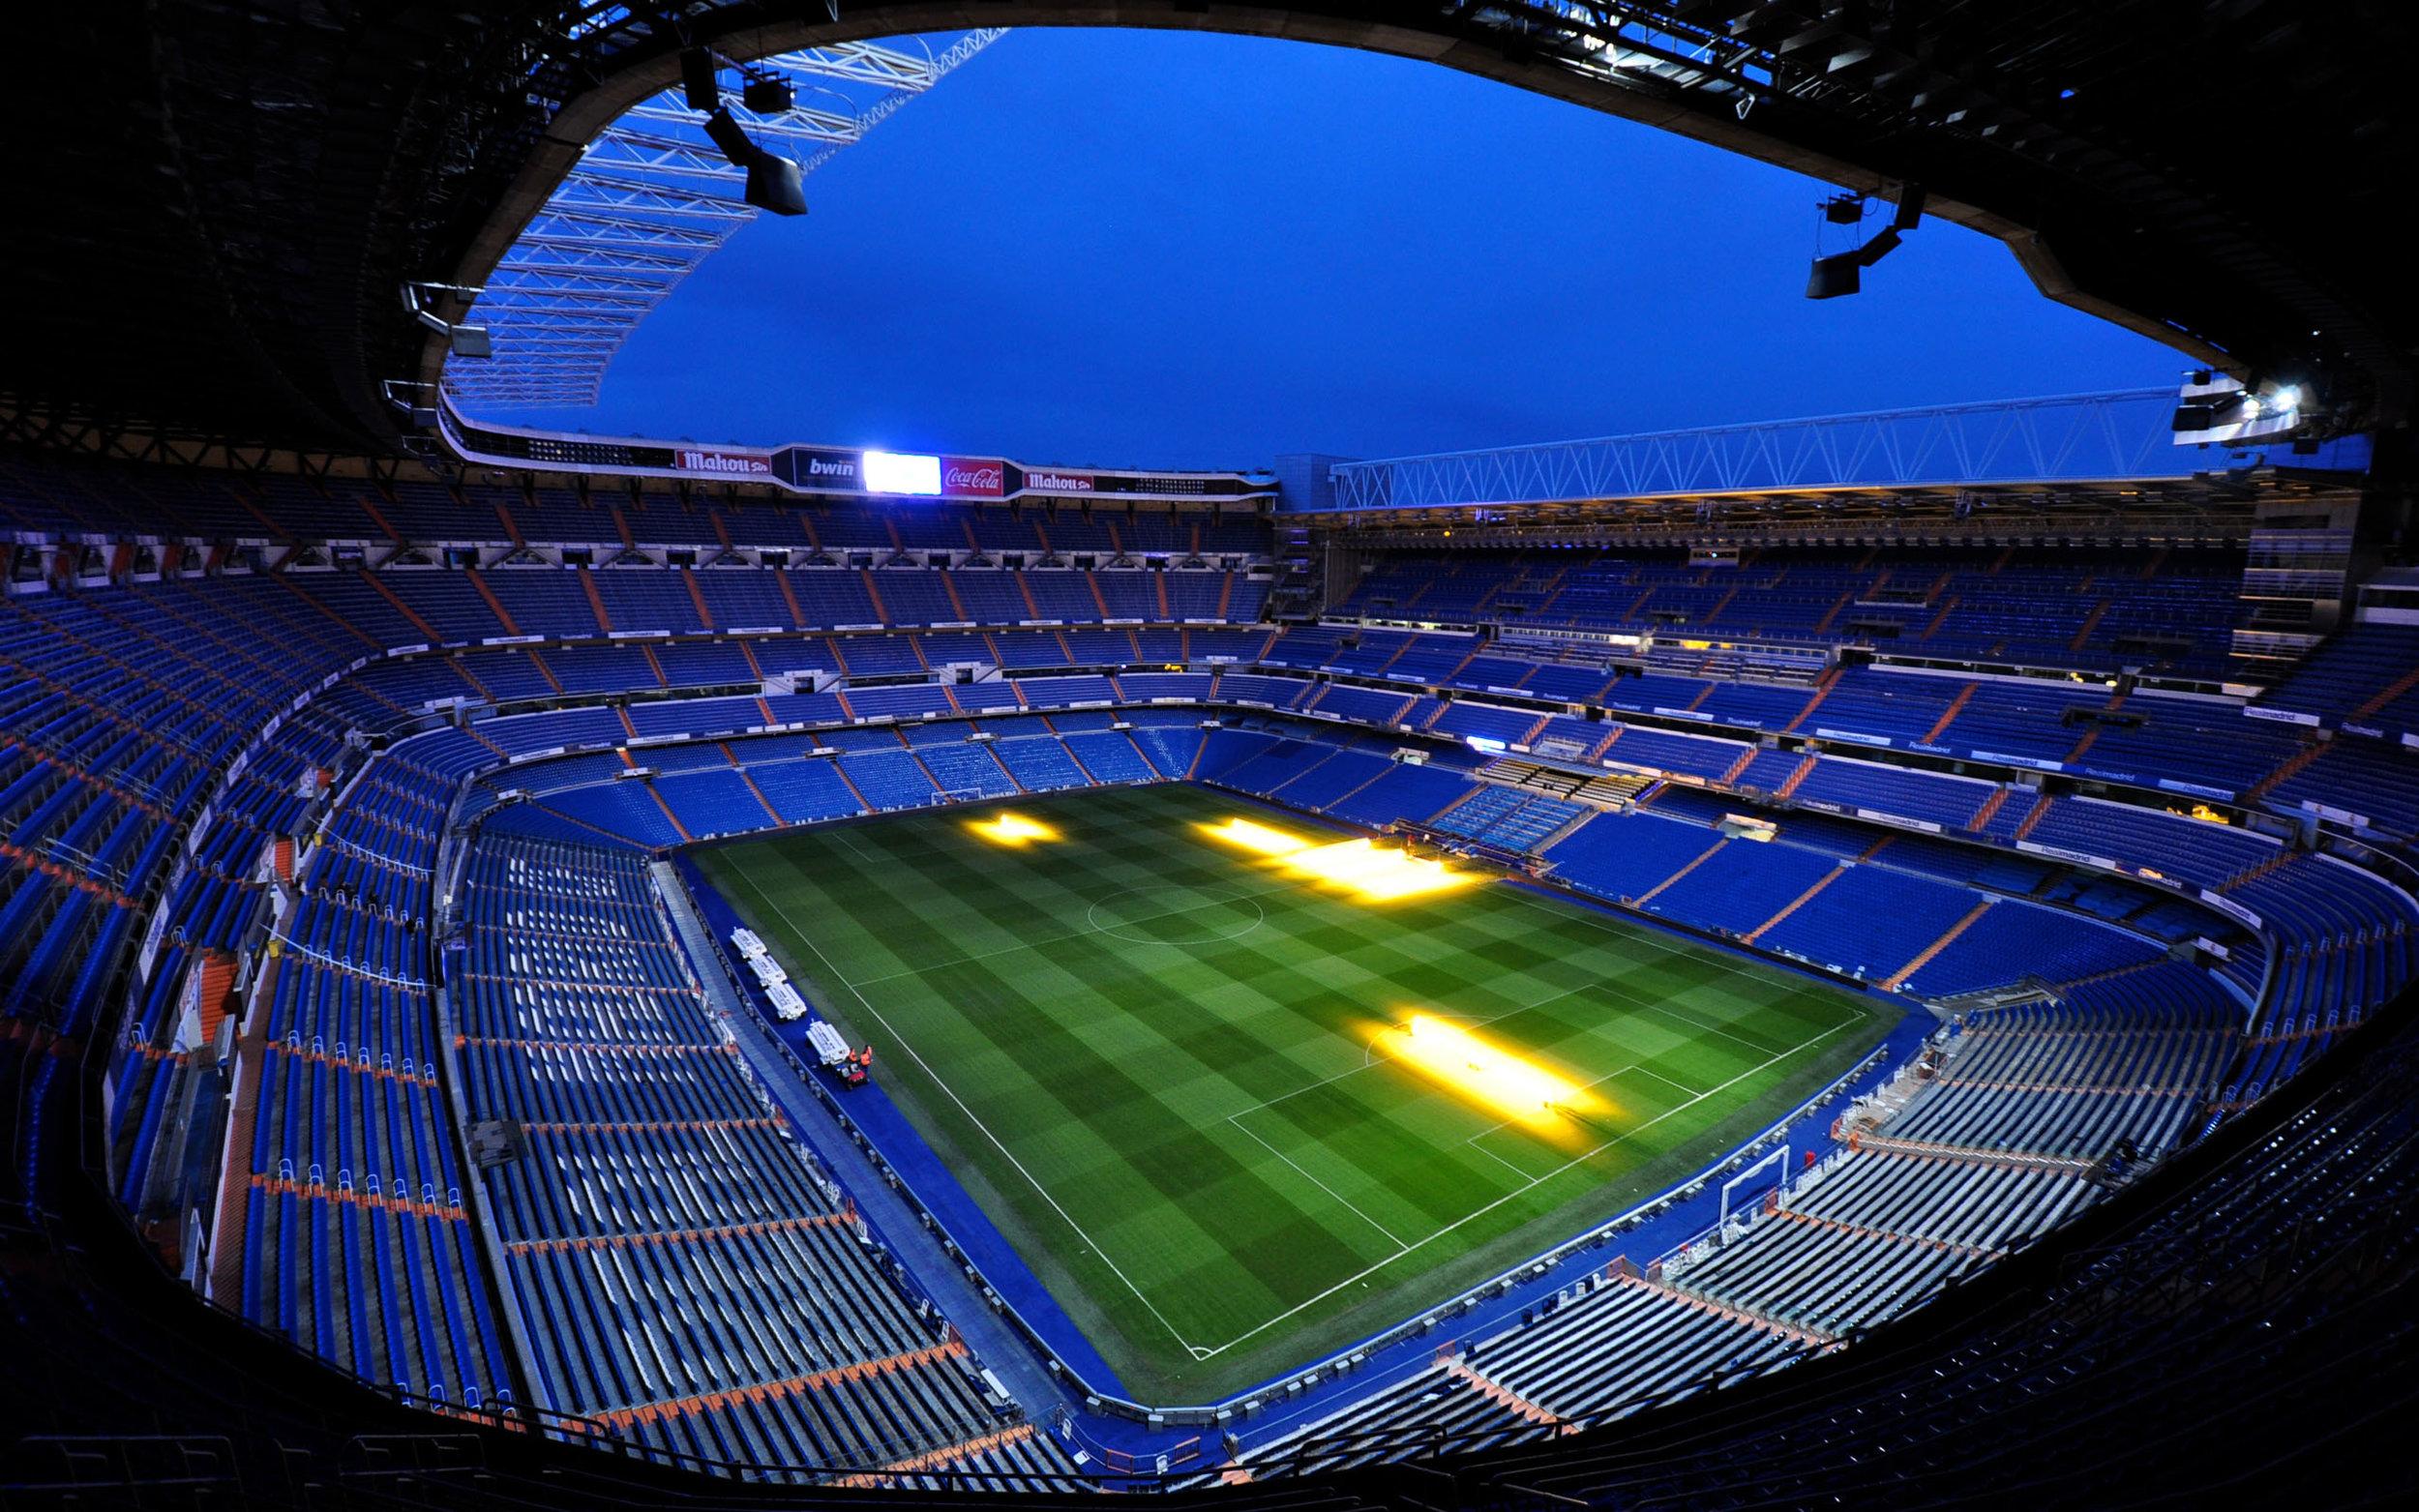 real-madrid-stadium-wallpaper.jpg